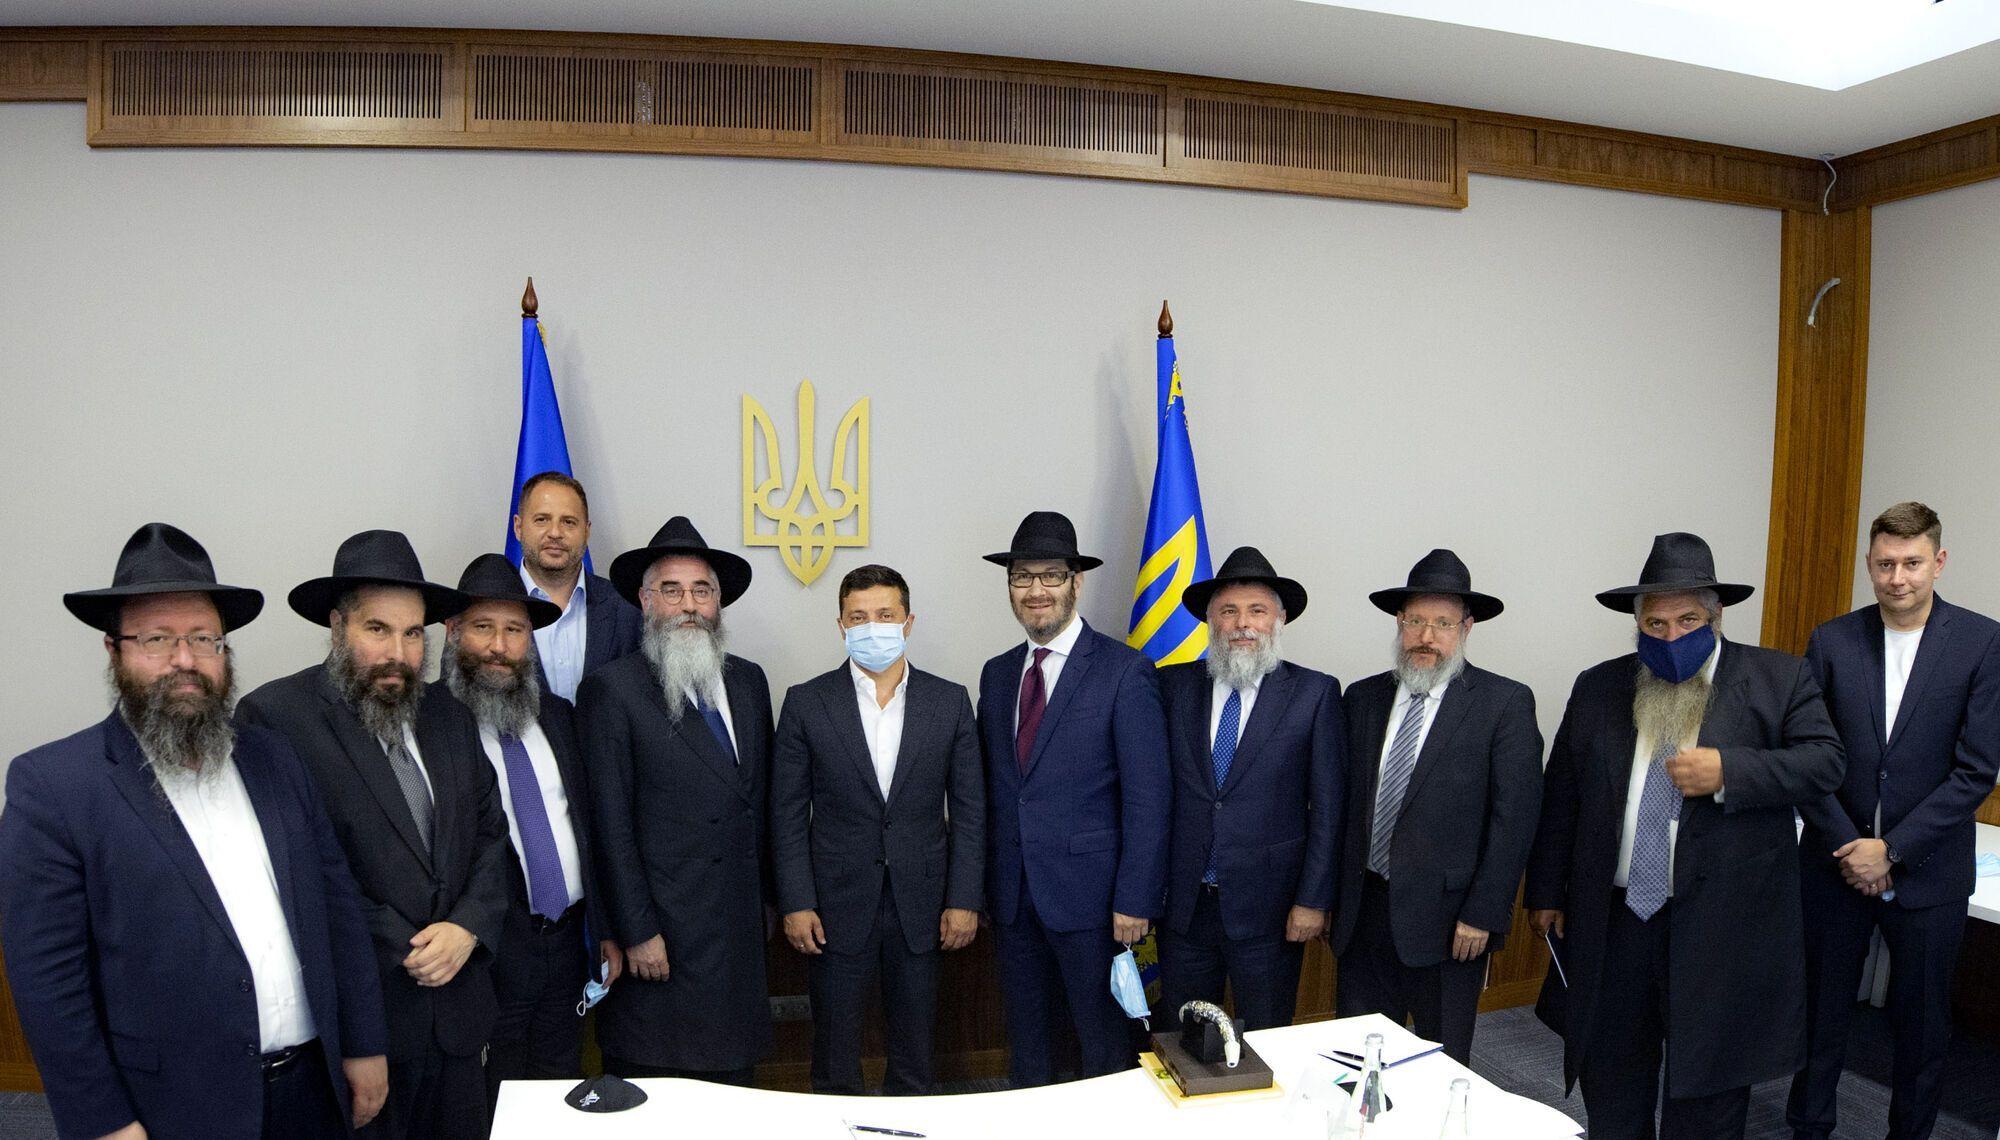 Владимир Зеленский и представители иудейских религиозных организаций